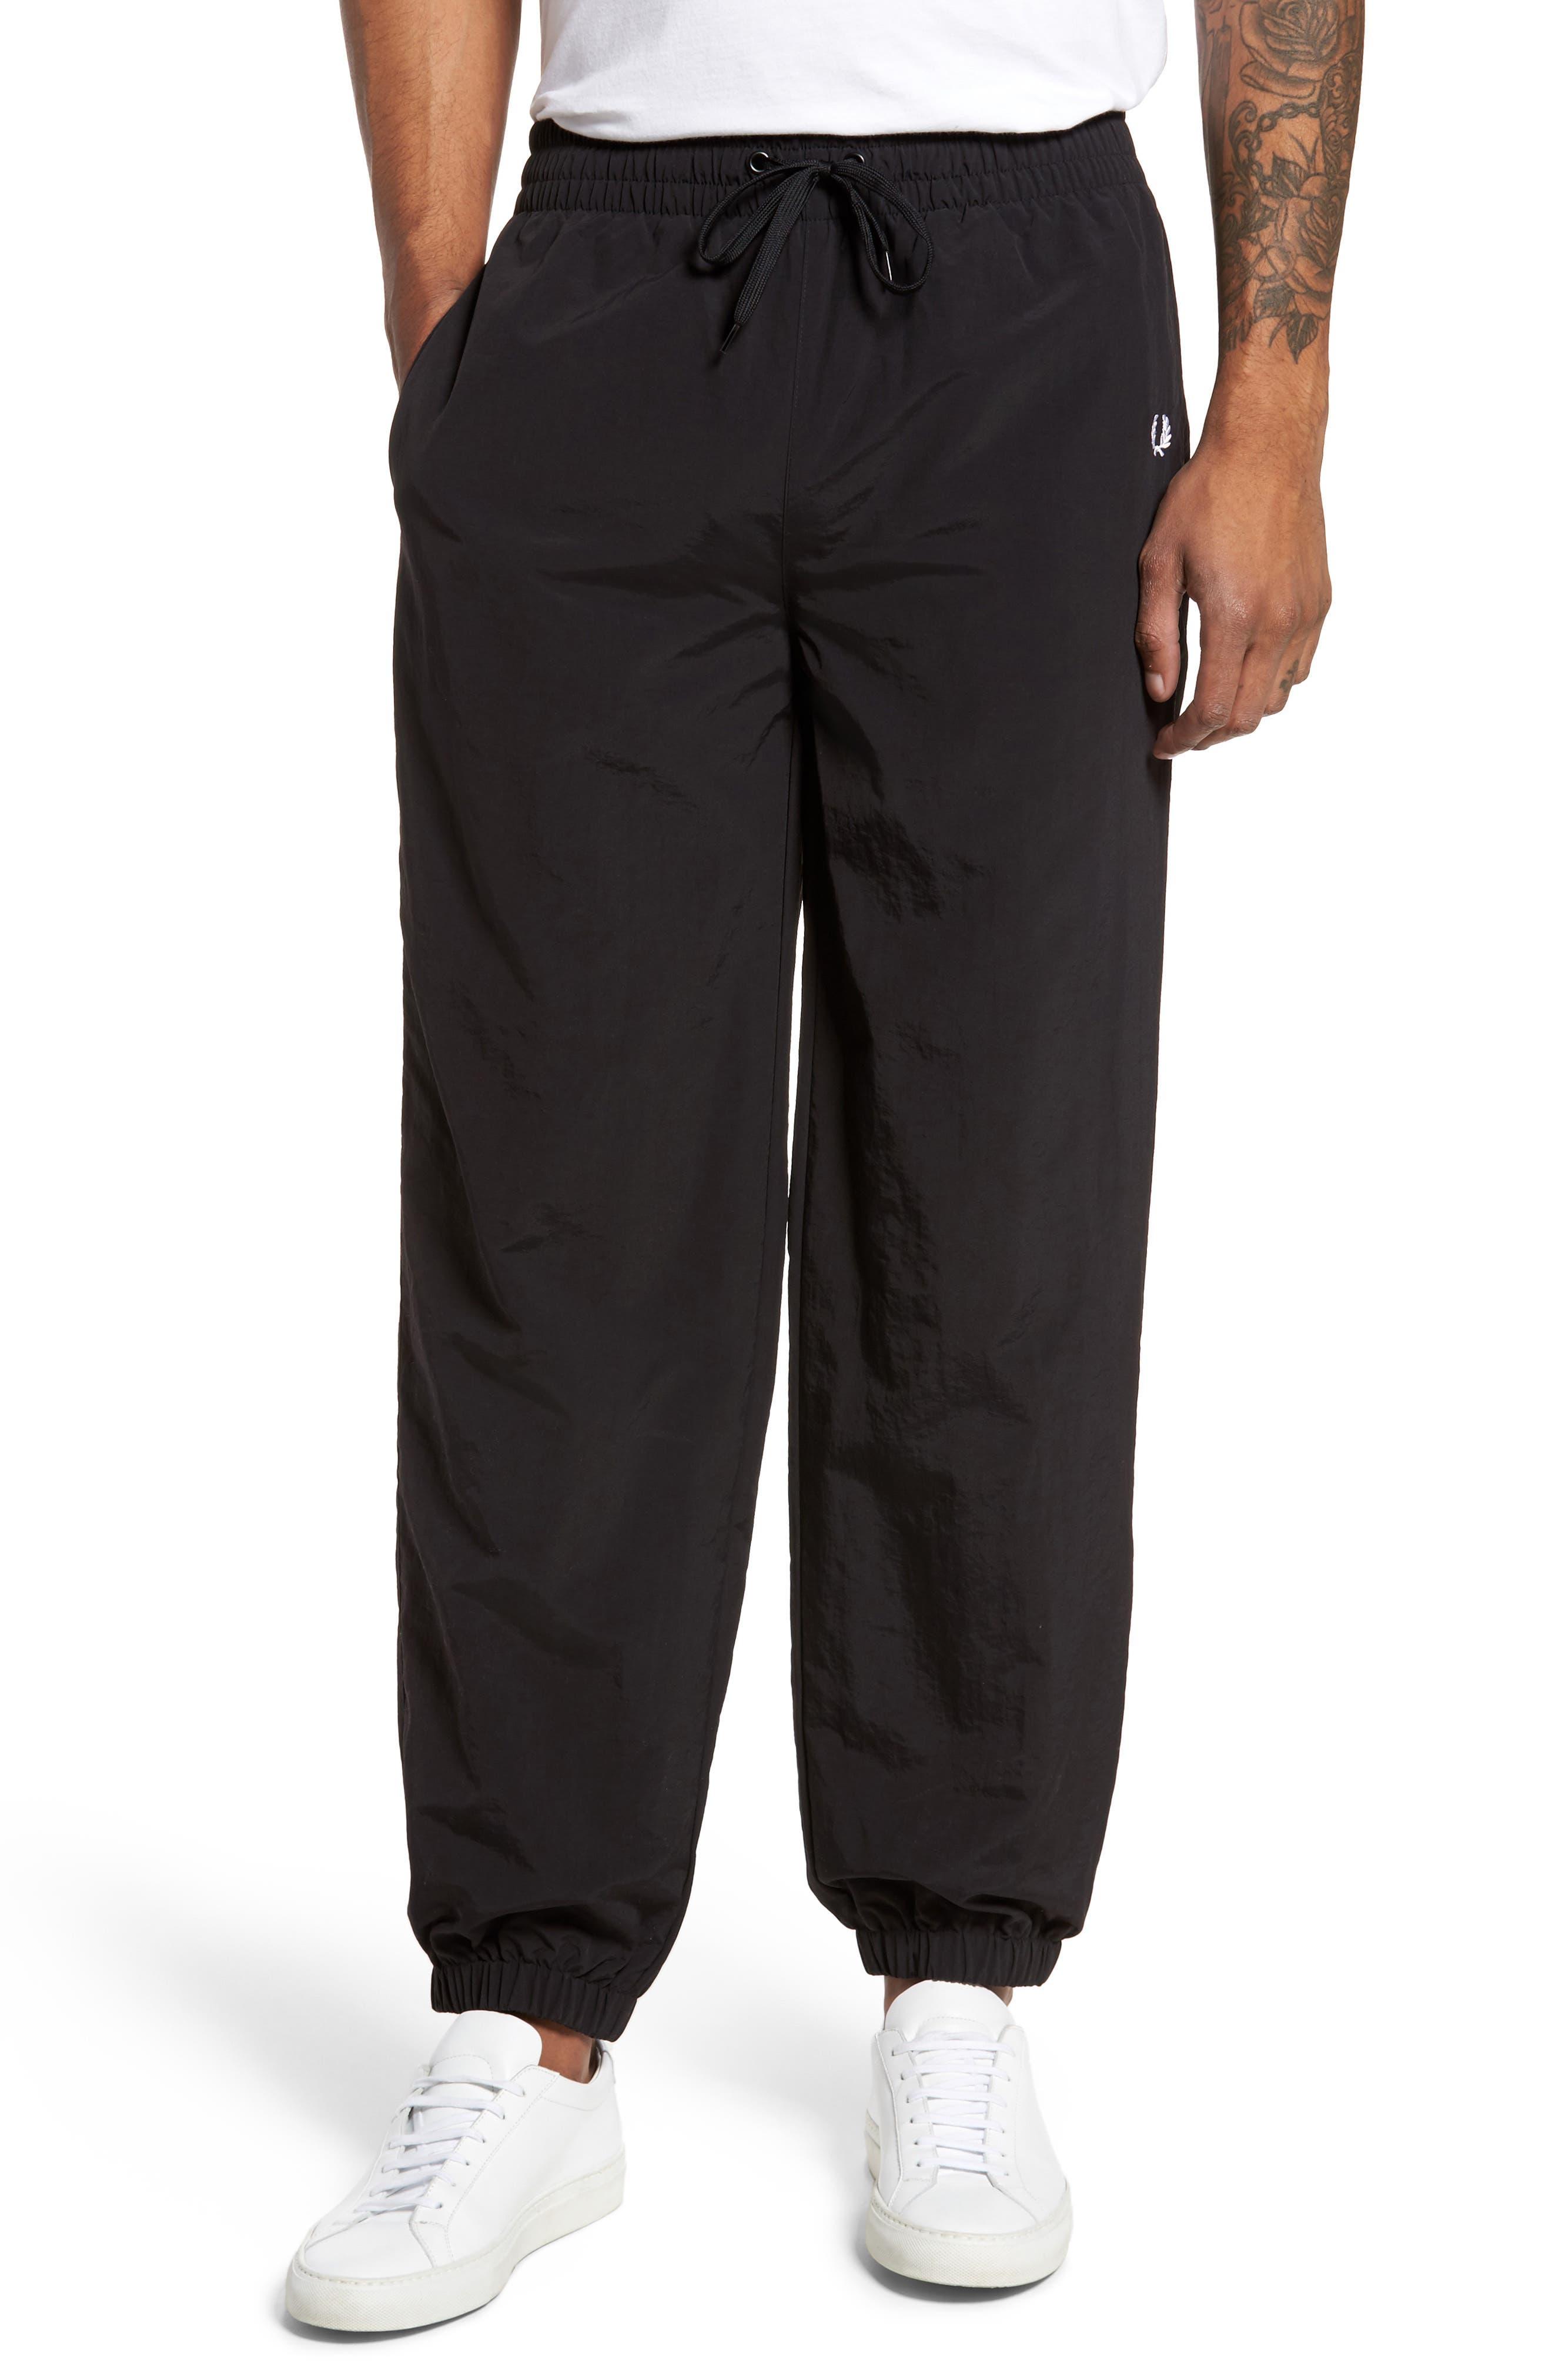 Monochrome Tennis Pants,                             Main thumbnail 1, color,